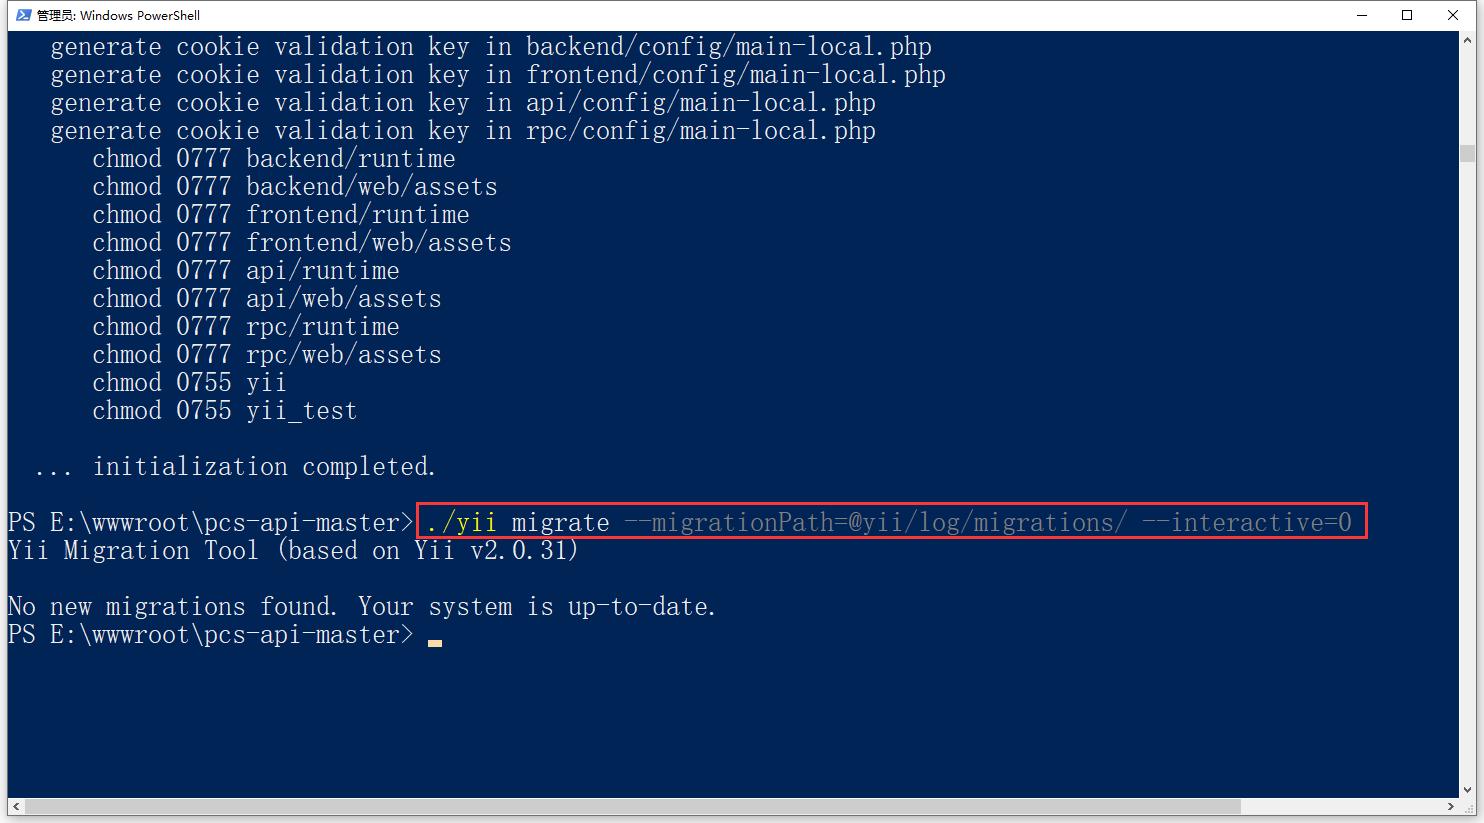 """在本地环境中全新部署,手动执行 $PCS_API_CFG_MIGRATE == """"true"""" 的相关命令。成功运行。不符合预期。"""